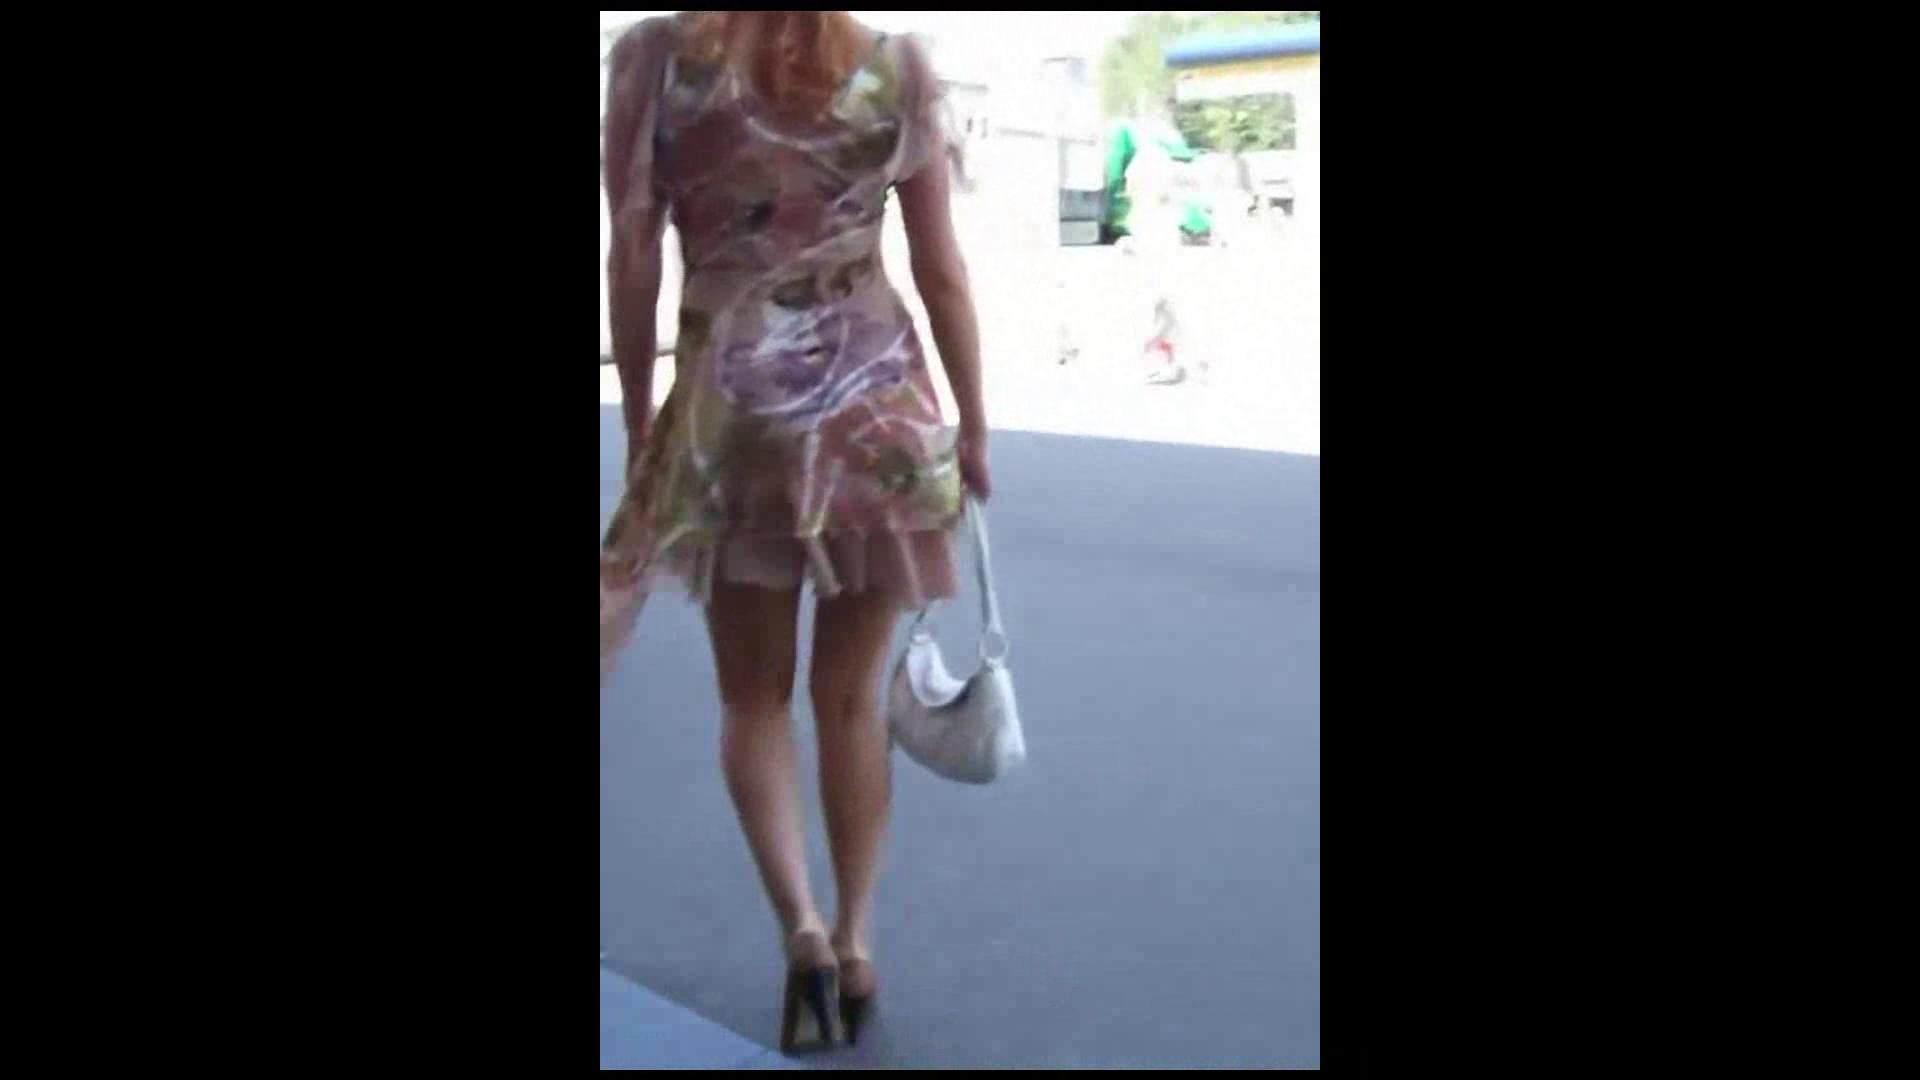 綺麗なモデルさんのスカート捲っちゃおう‼vol03 HなOL われめAV動画紹介 98pic 58